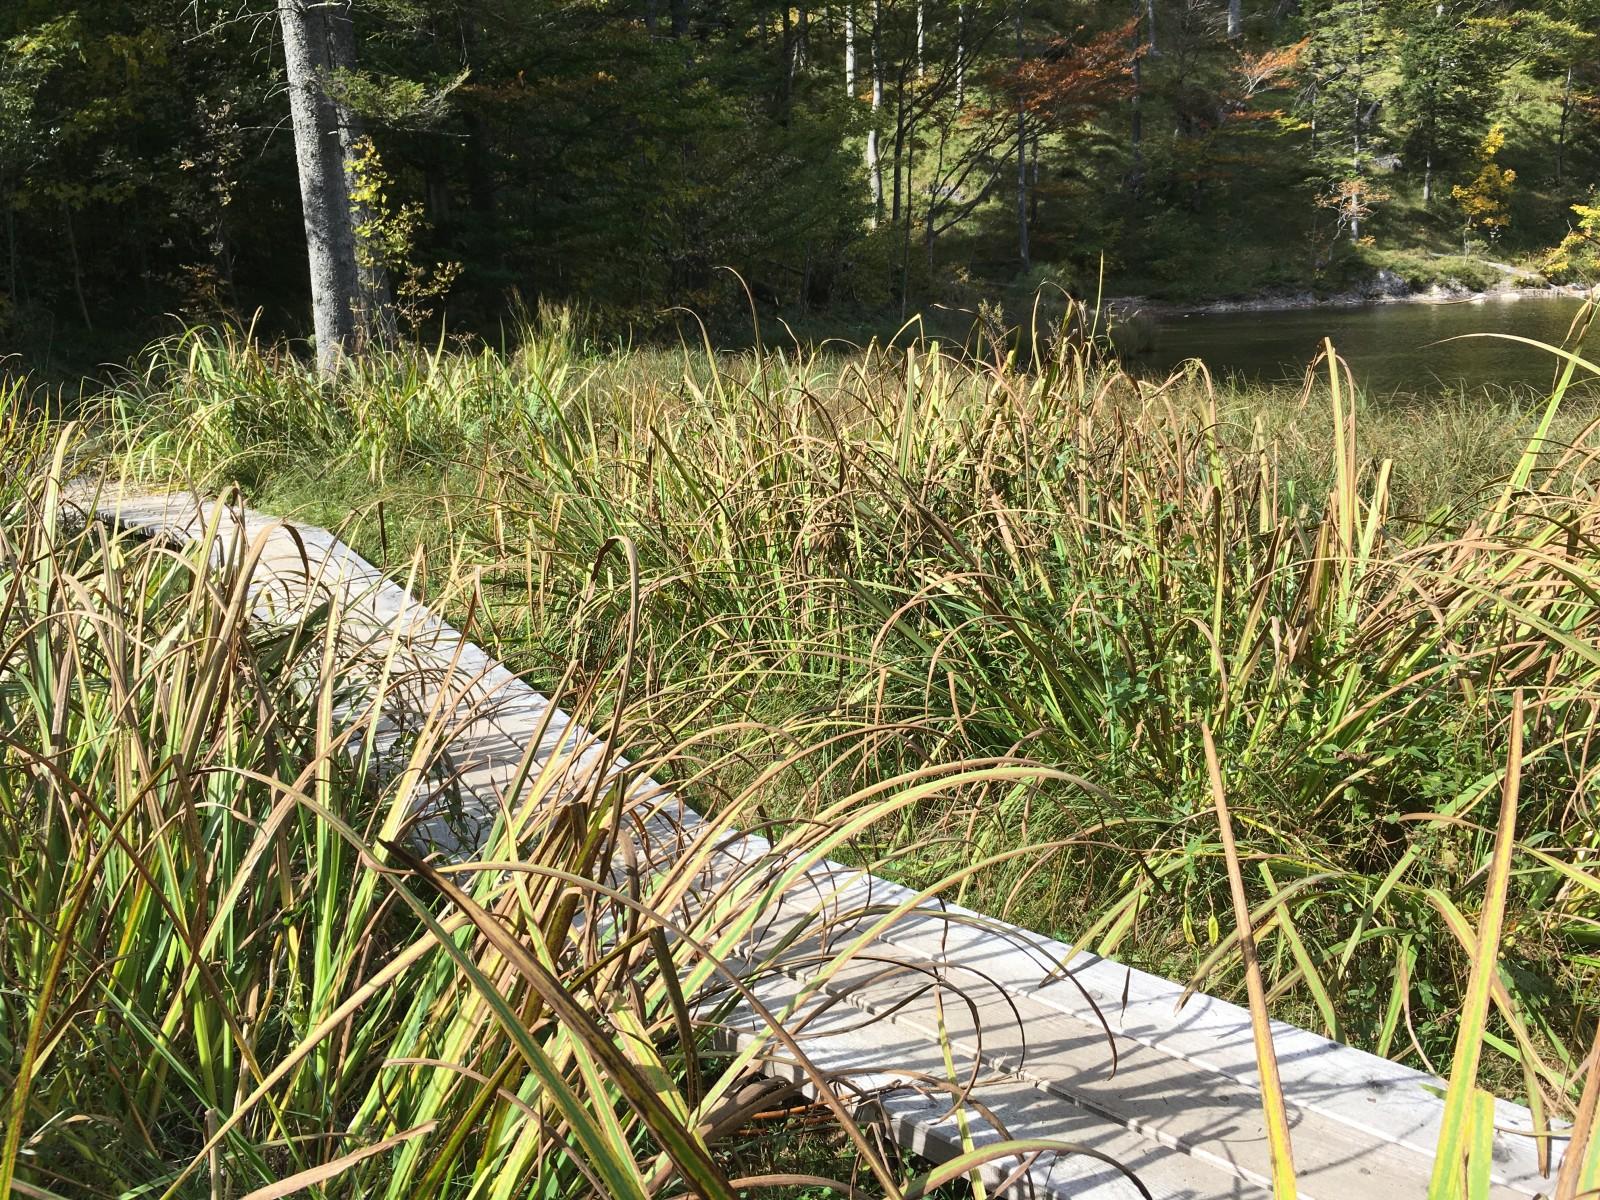 Steg über einem Sumpfgebiet am See